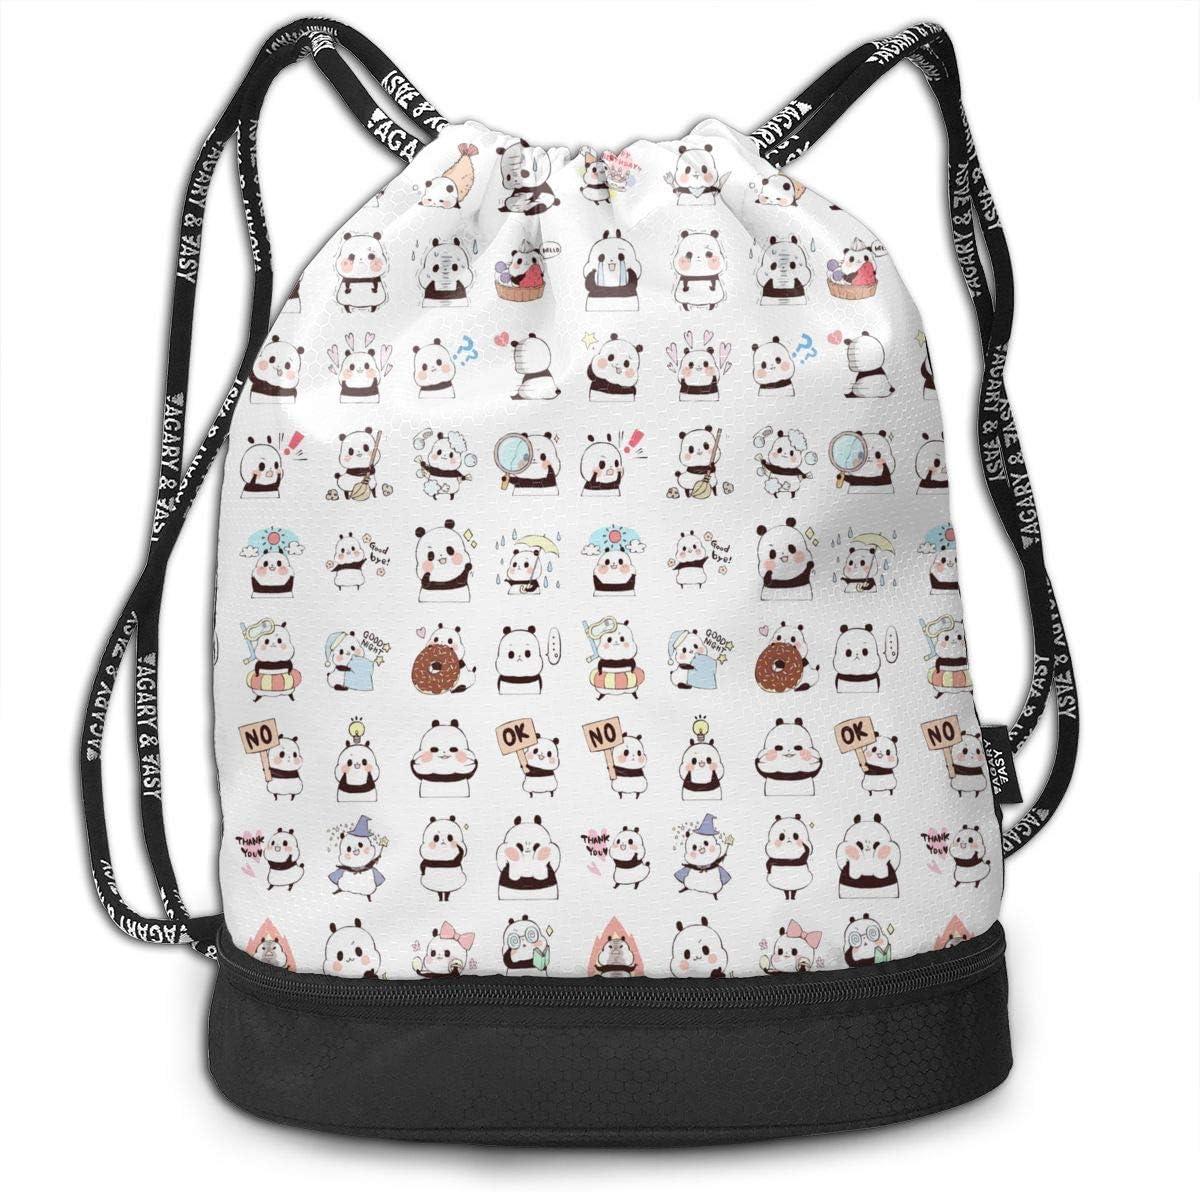 HUOPR5Q Cute Drawstring Backpack Sport Gym Sack Shoulder Bulk Bag Dance Bag for School Travel